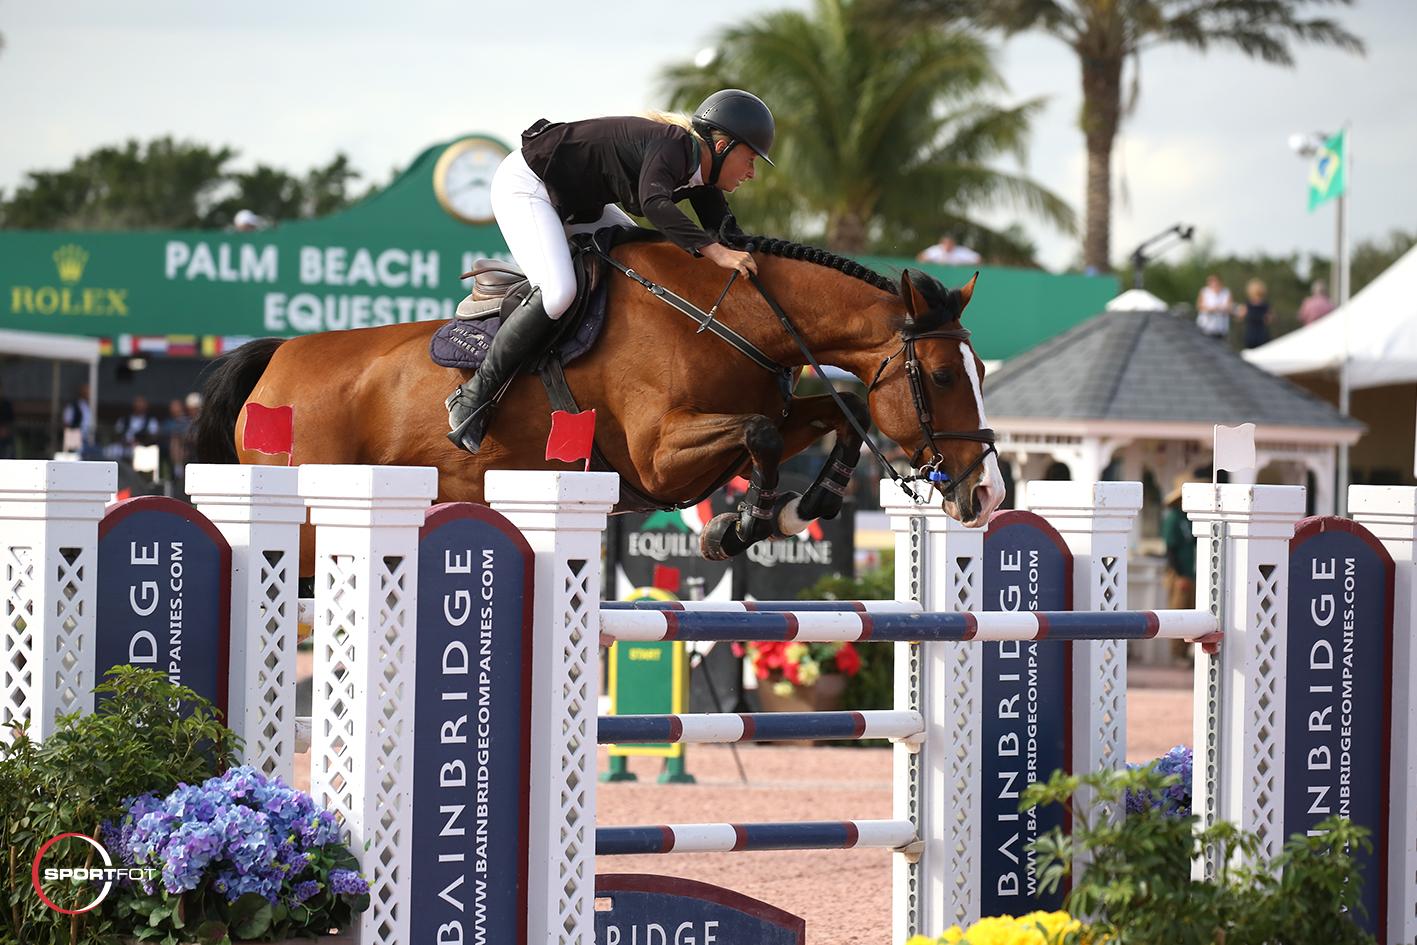 Kristen Vanderveen Bull Runs Divine Fortune 300_7493 Sportfot